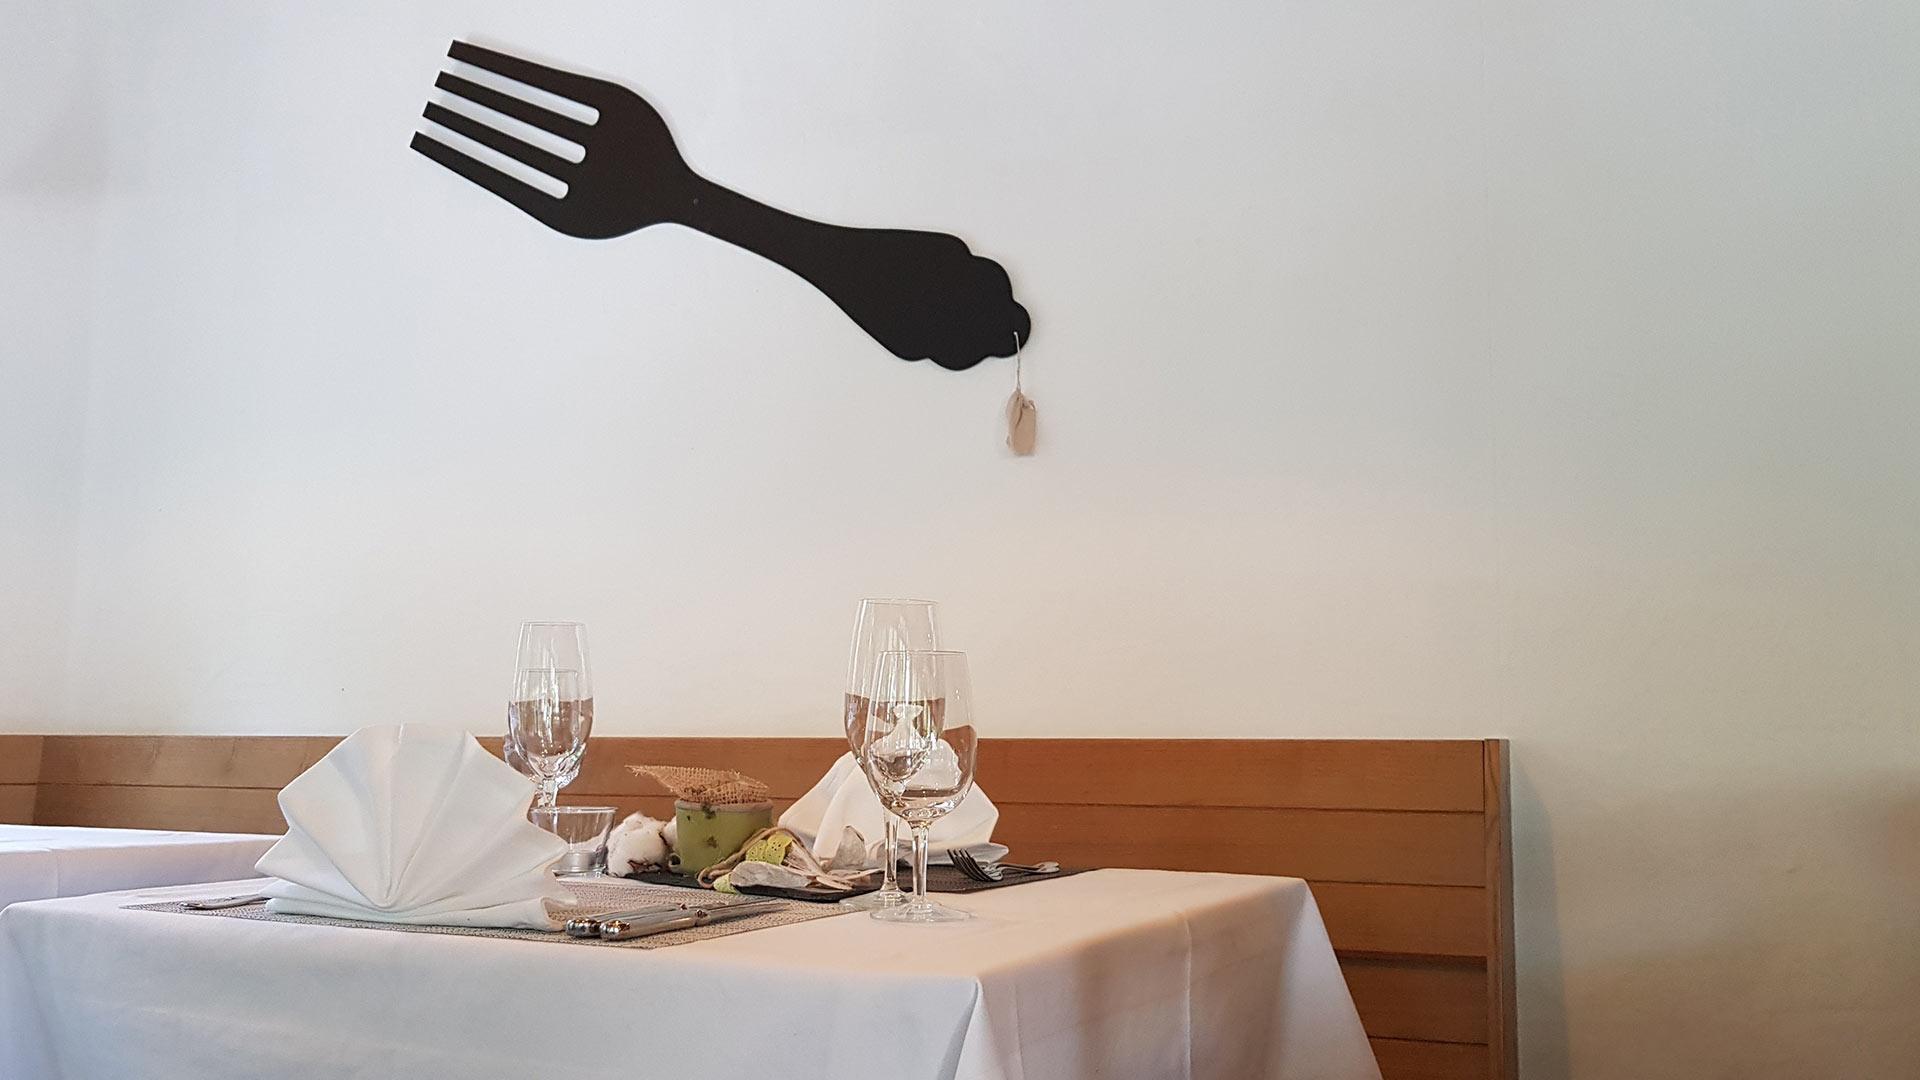 hotel-alpha-thun-speisesaal-tisch